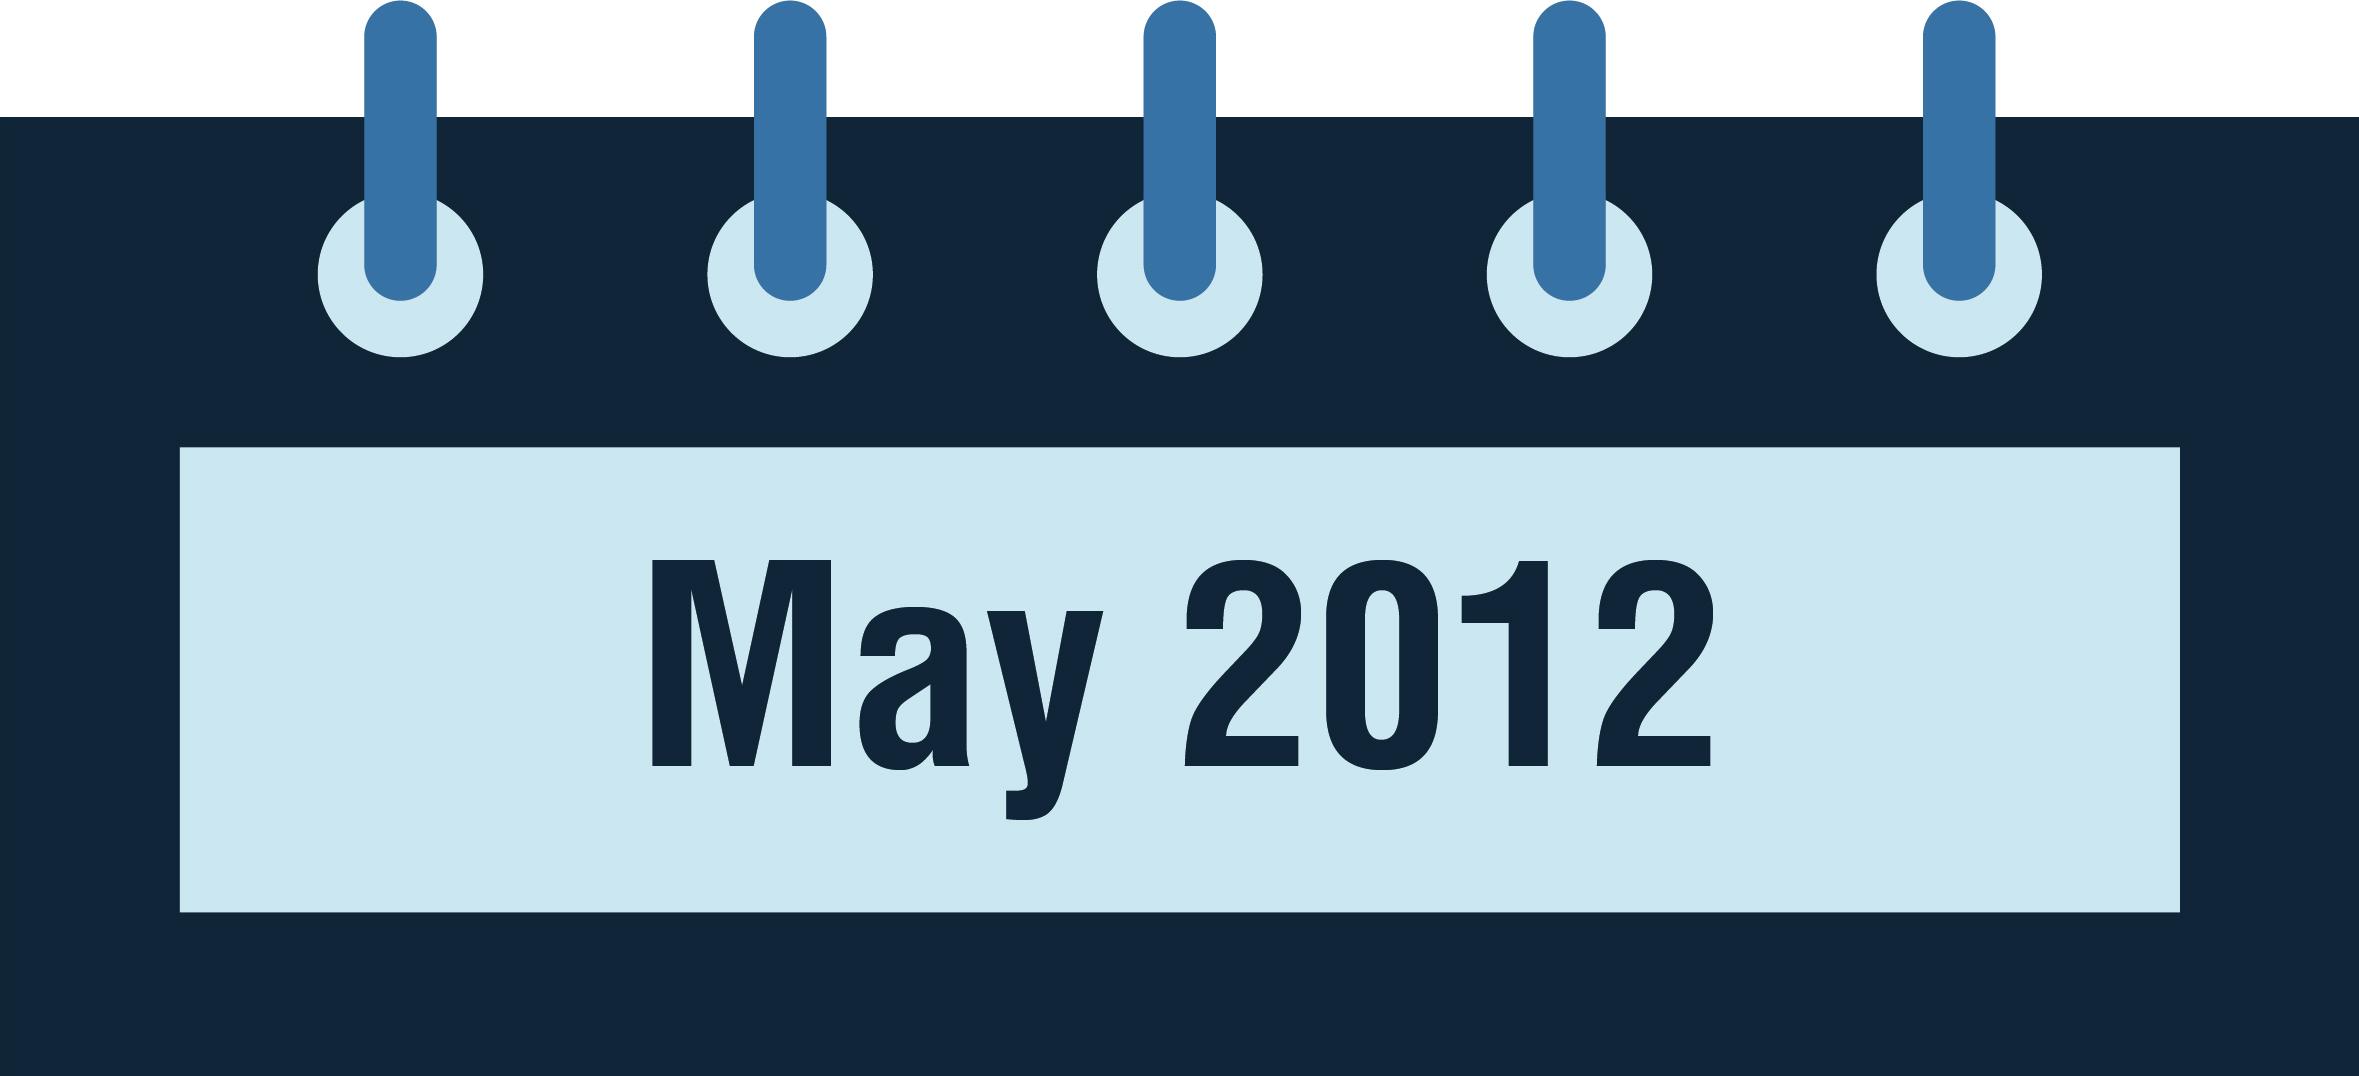 NeuroCheck History - May 2012 (Image © NeuroCheck)